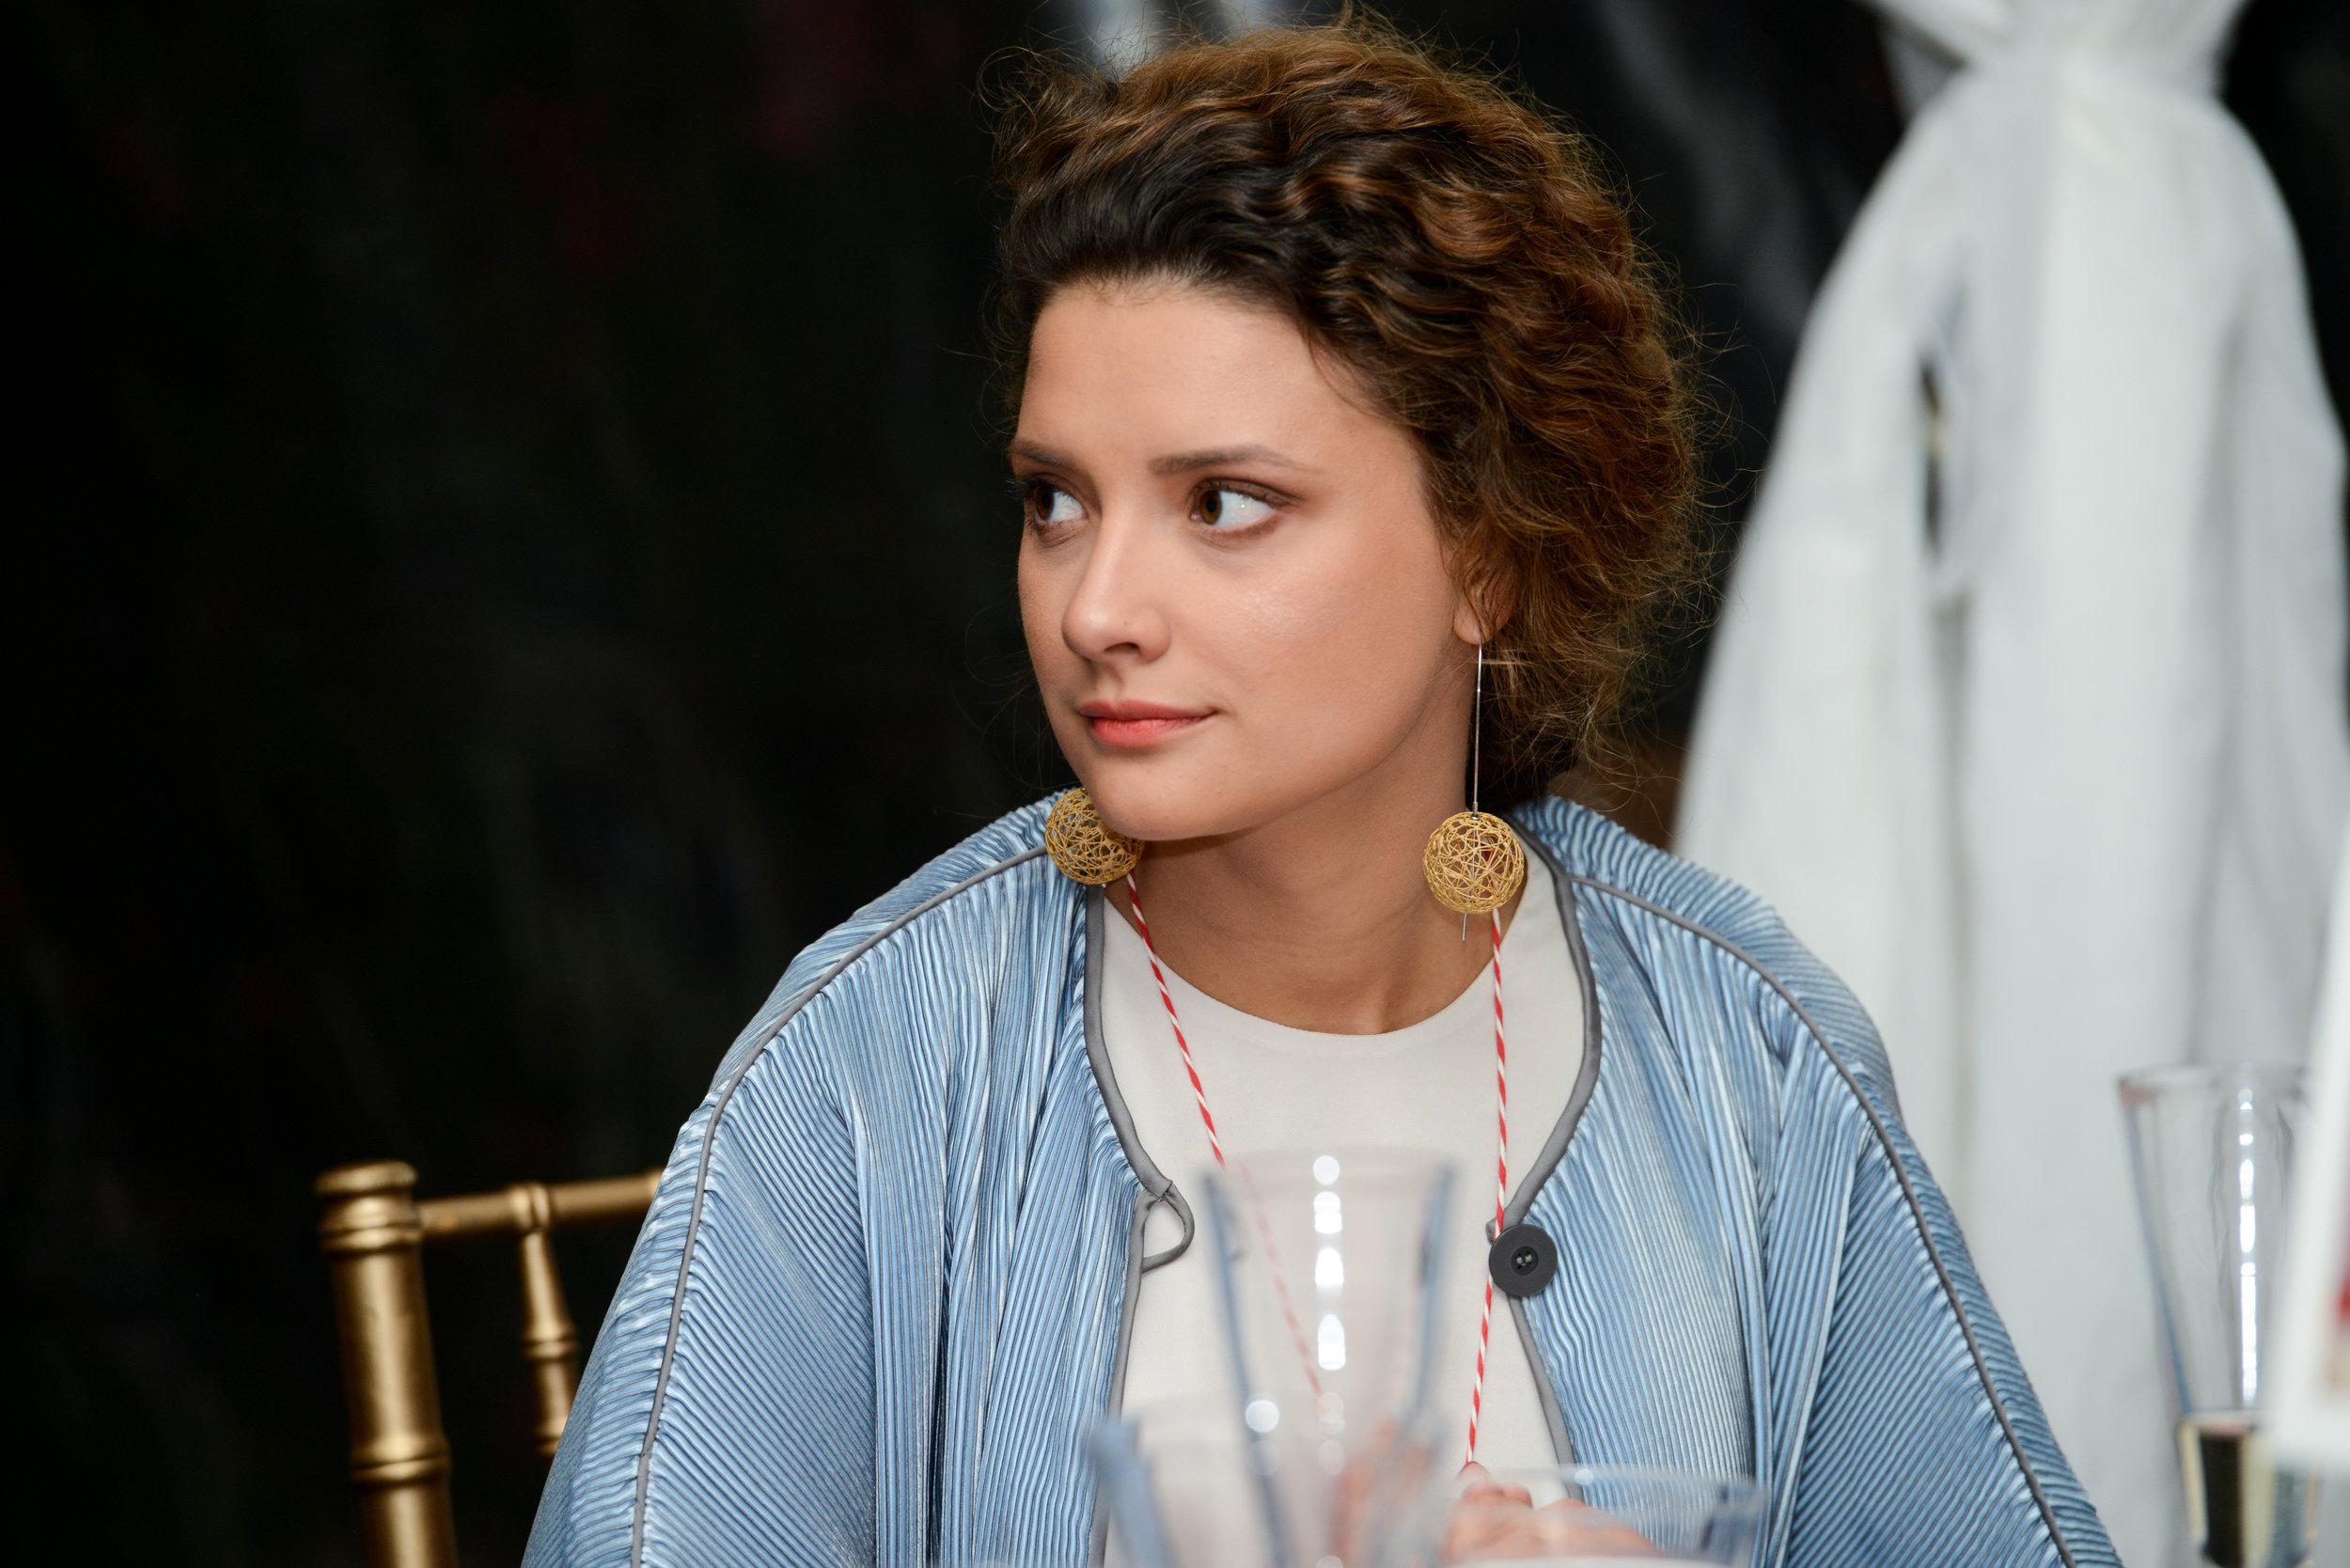 Tatyana Kovalenko-Narochnitskaya